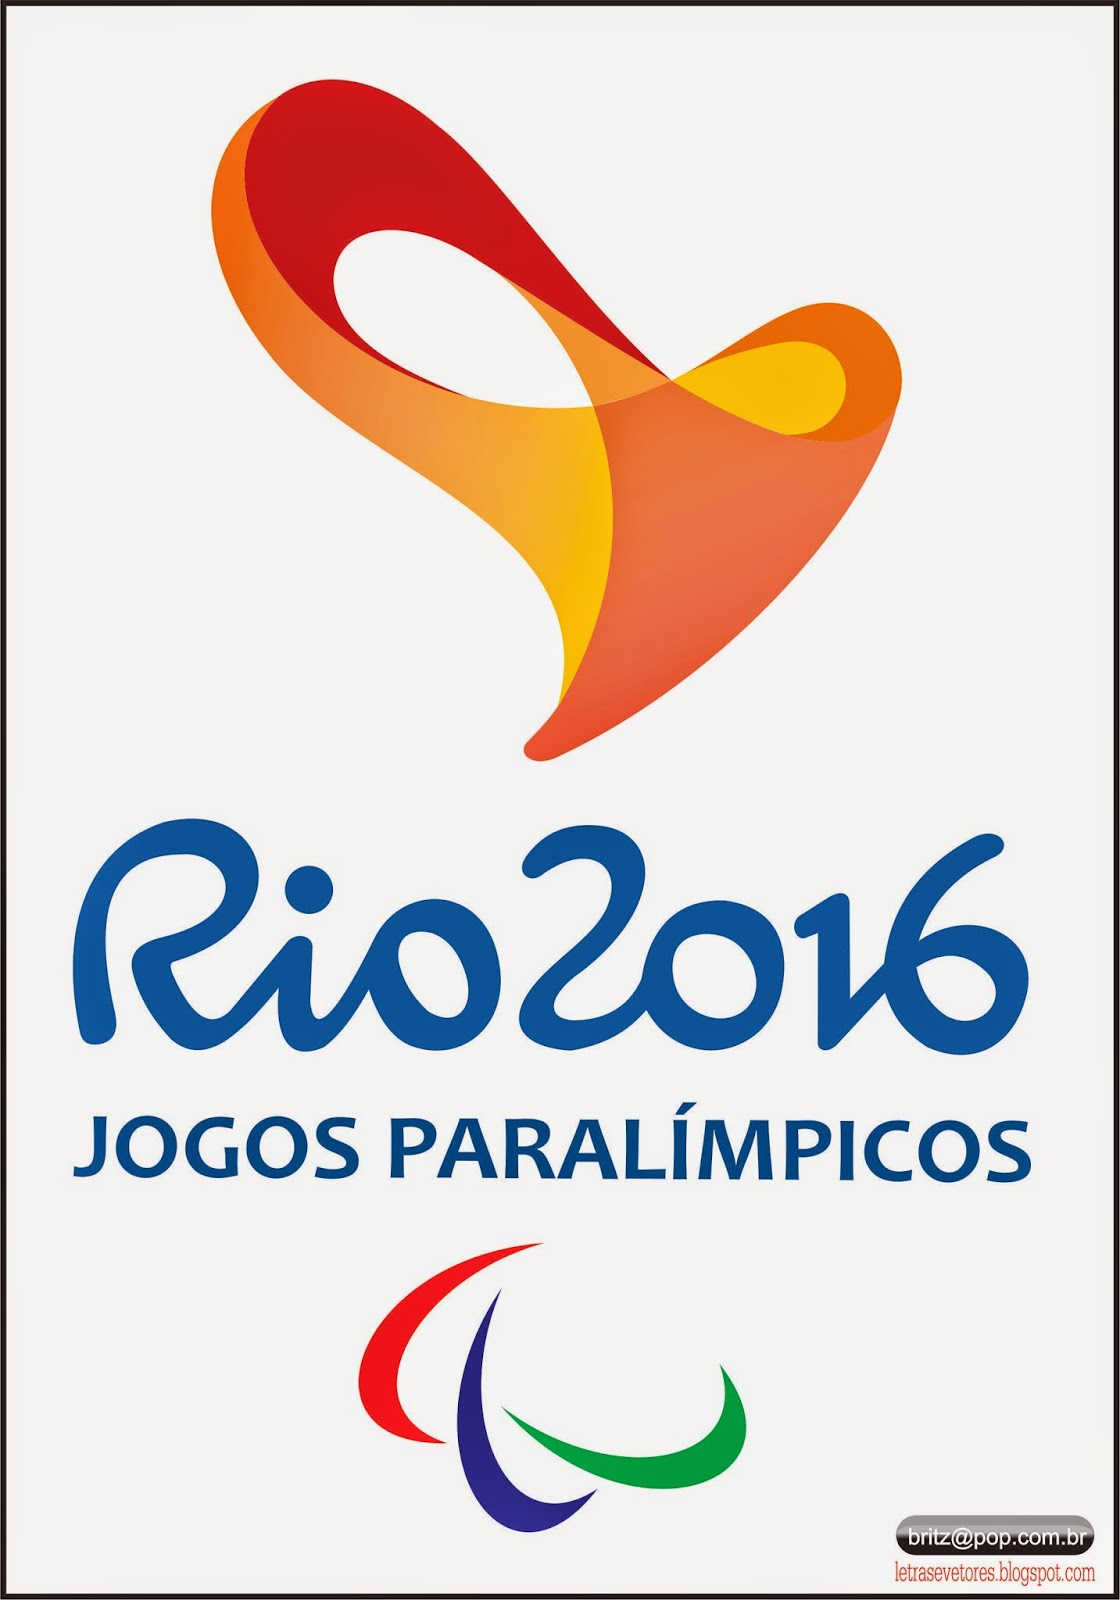 Jogos Paralímpicos-Rio 2016